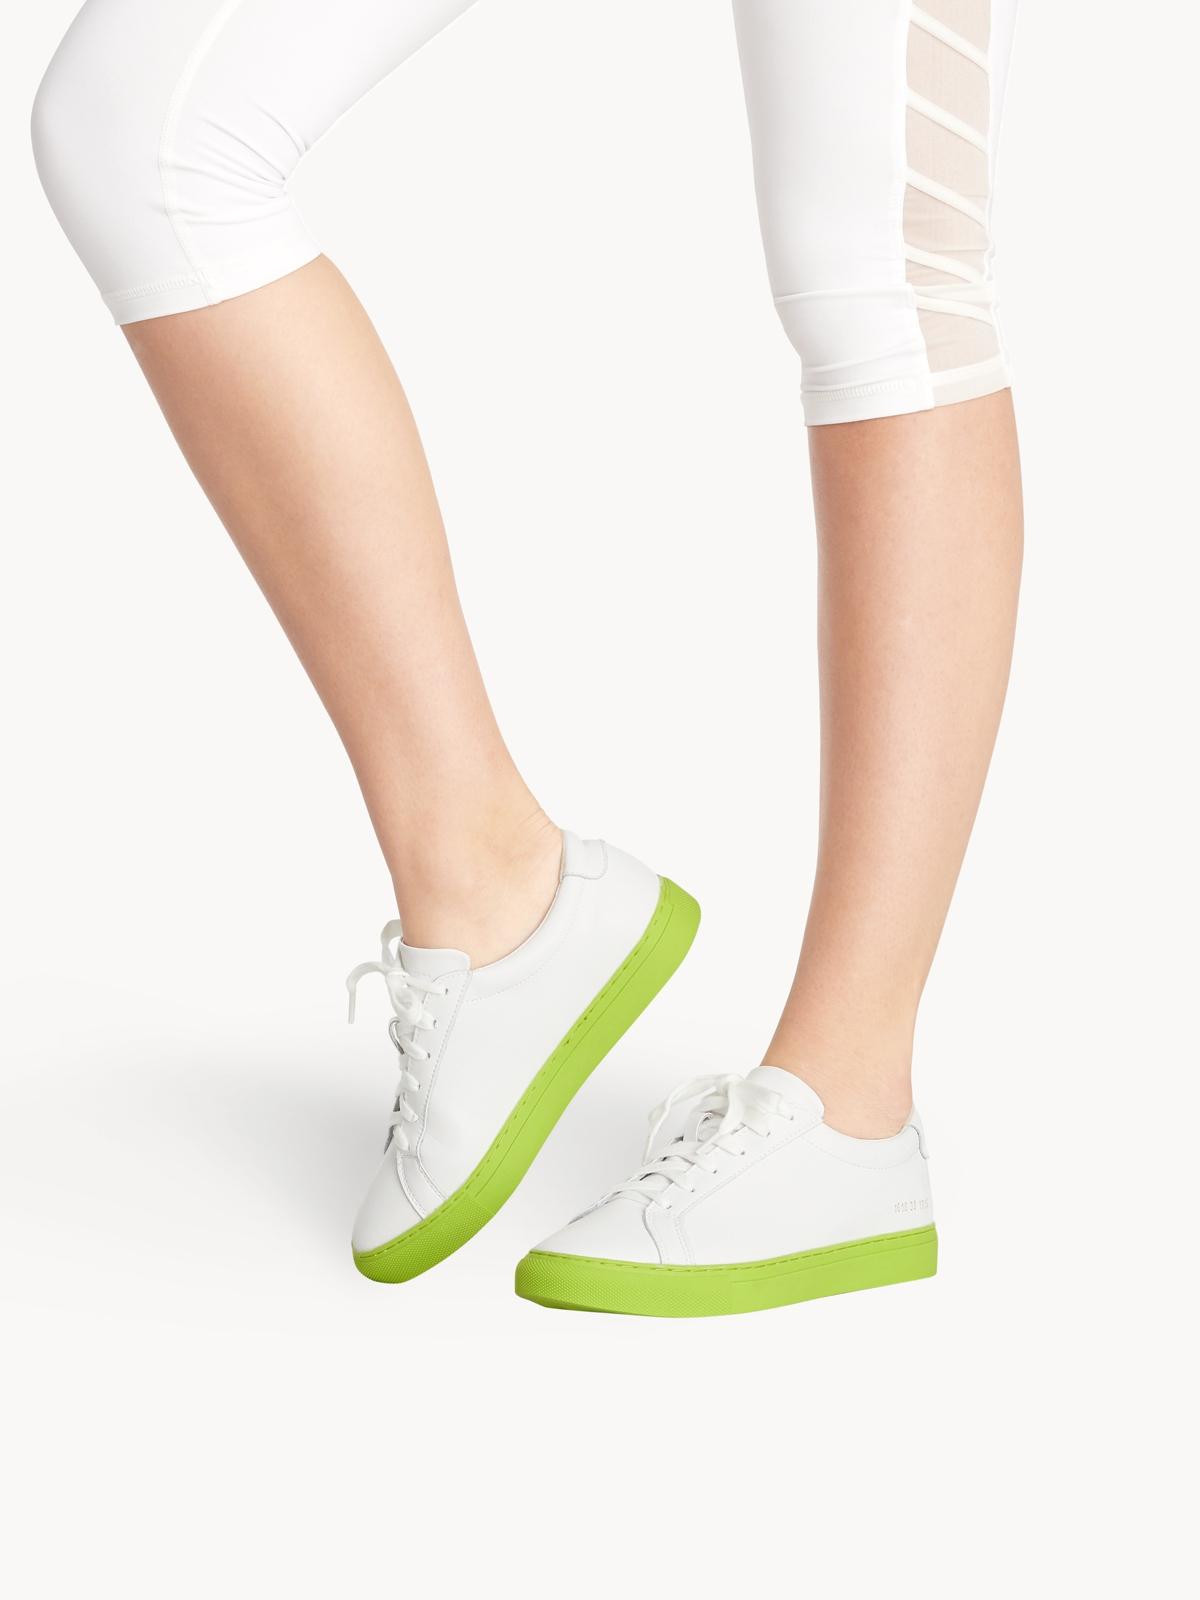 Starkela Sneakers Green